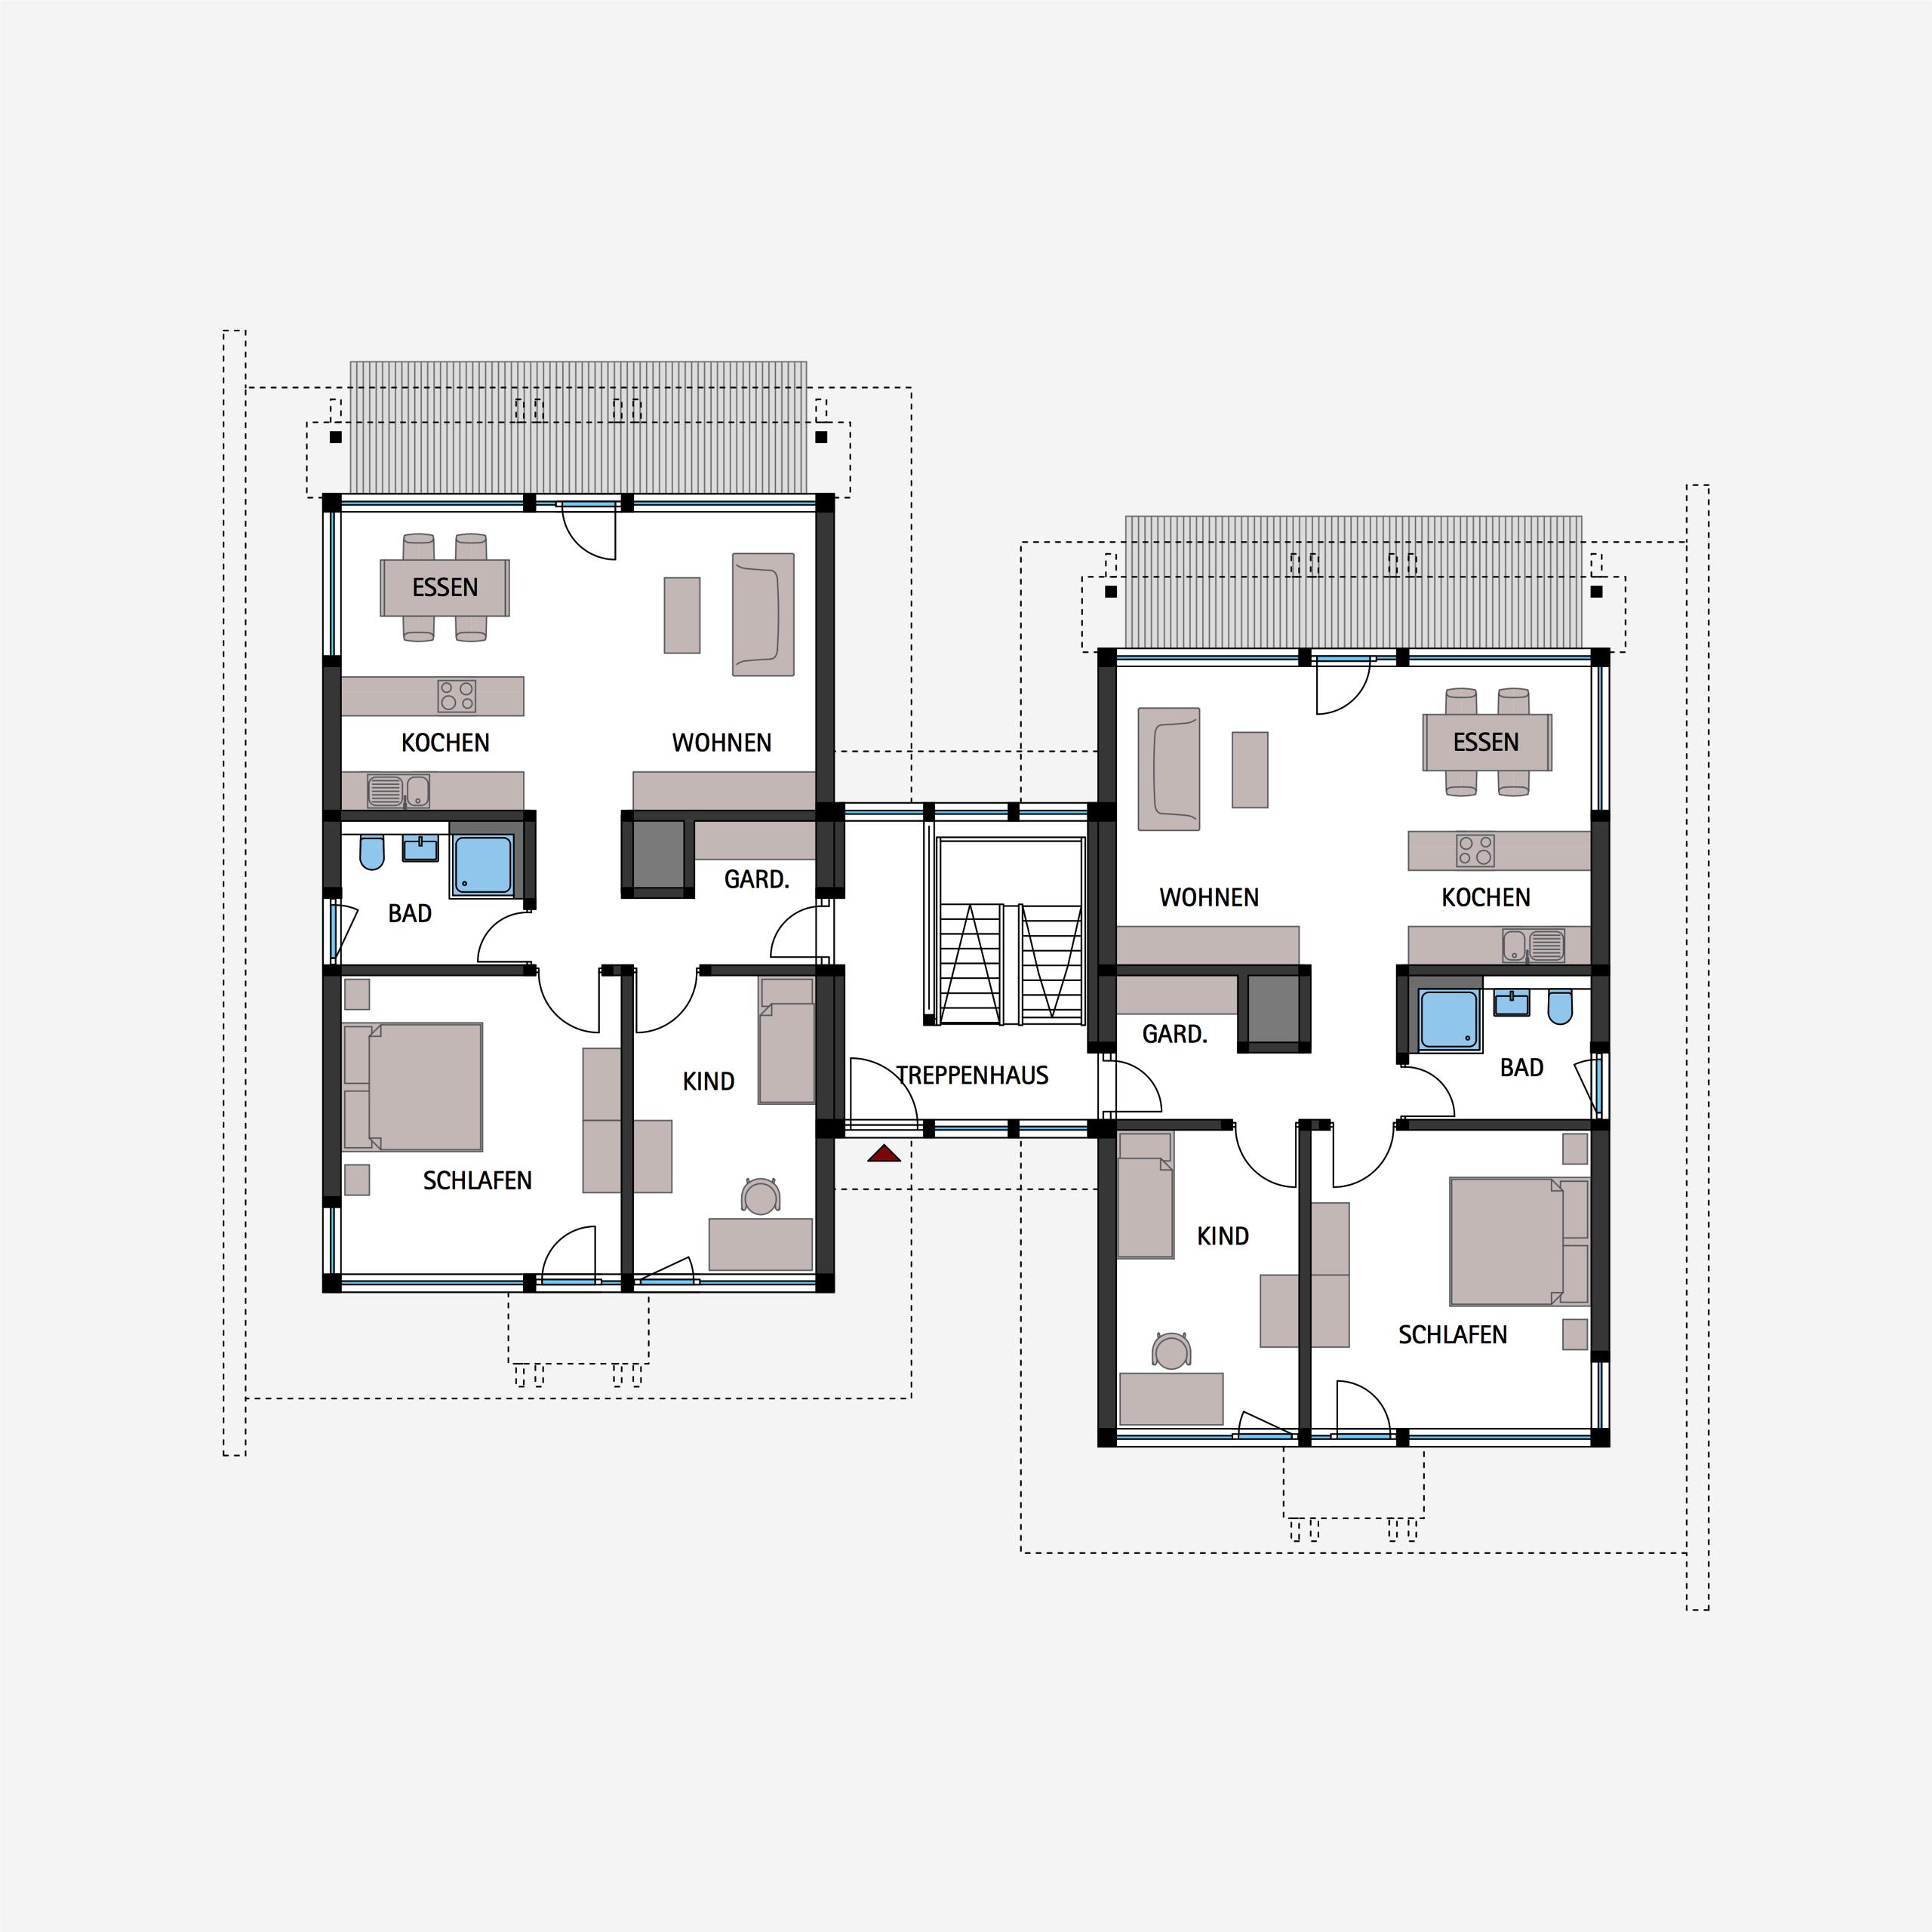 HUF Fachwerkhaus Grundriss Erdgeschoss Mehrfamilienhaus in